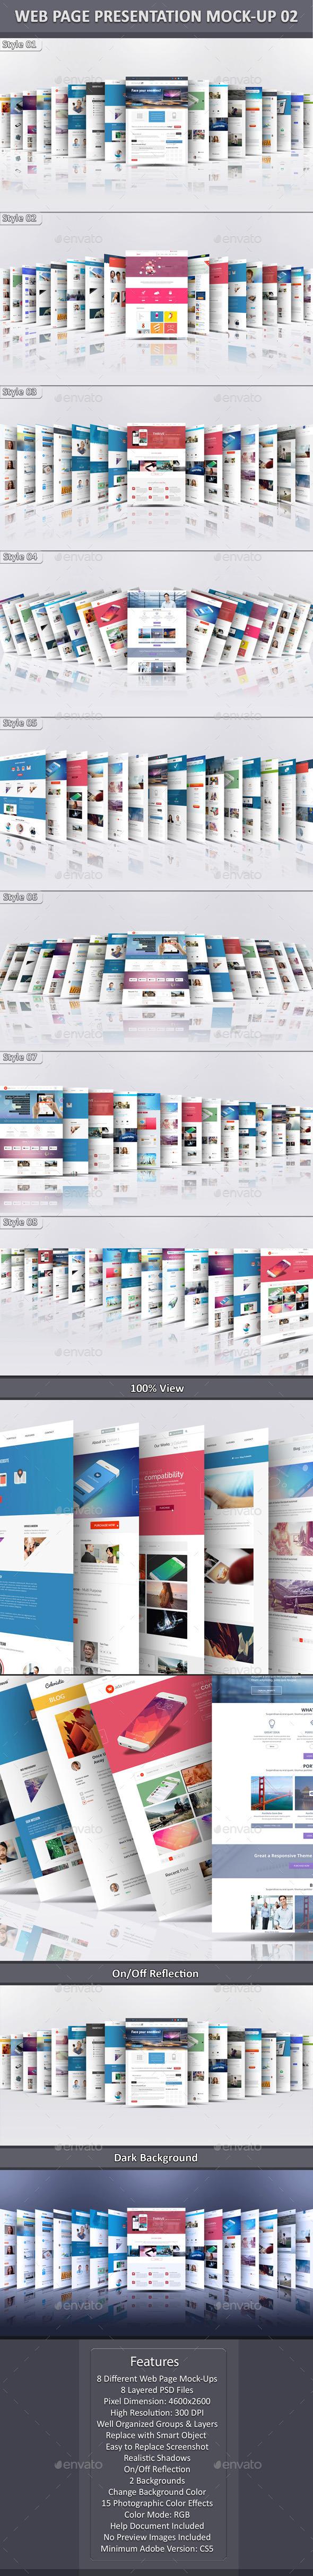 Web Page Presentation Mock-Up 2 - Website Displays